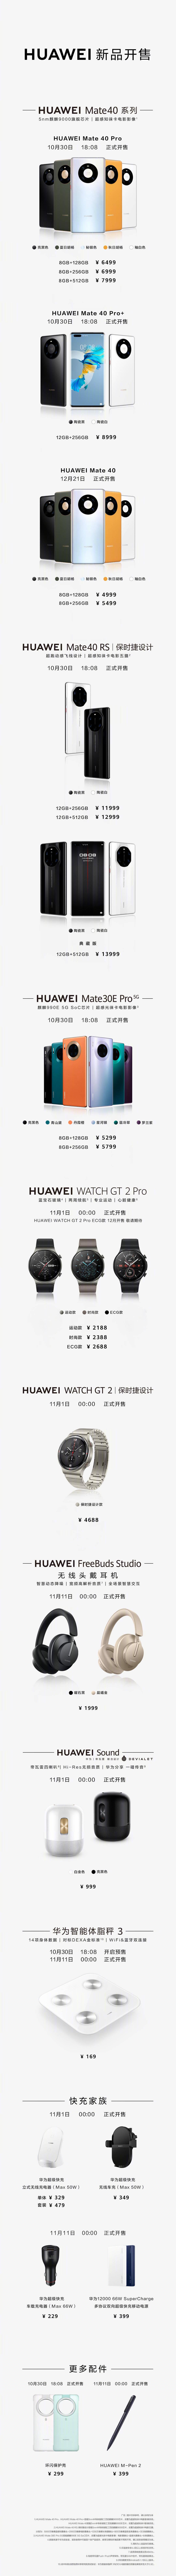 华为公布Mate40系列国行价格:4999元起